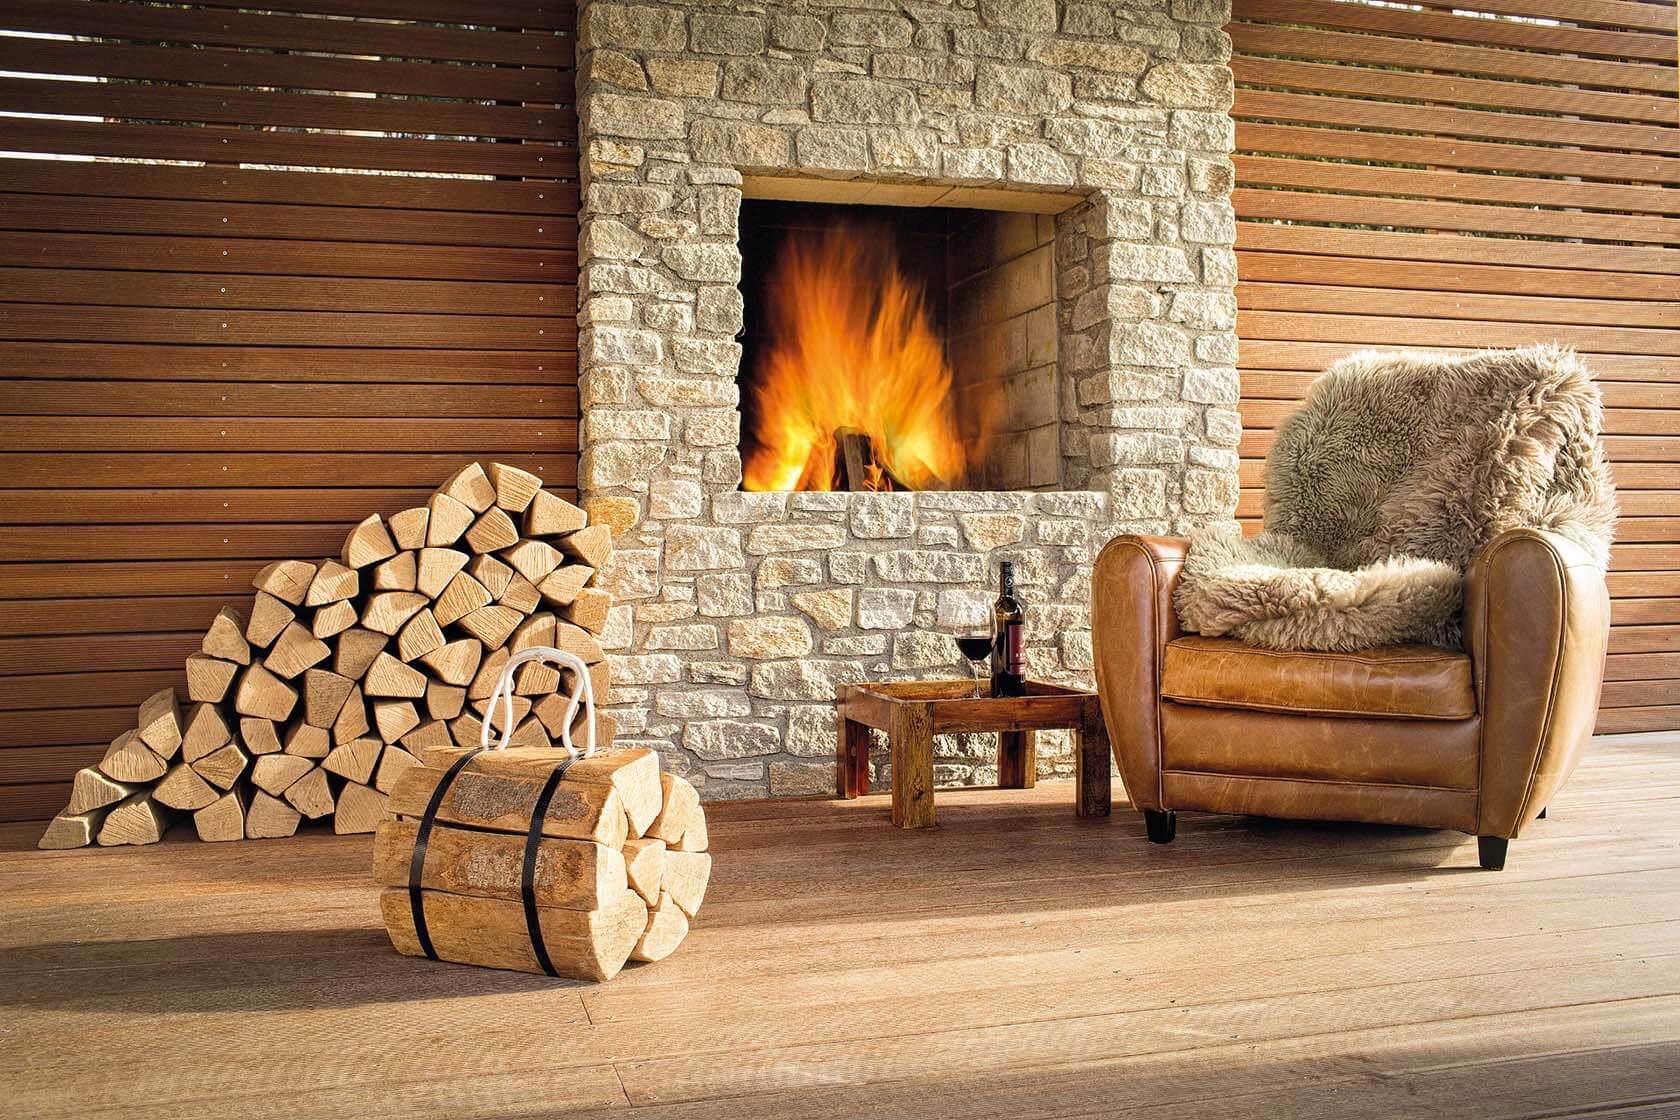 Brennholzlagerung im Wohnzimmer fein und leicht gemacht  Wohnideen und Dekoration